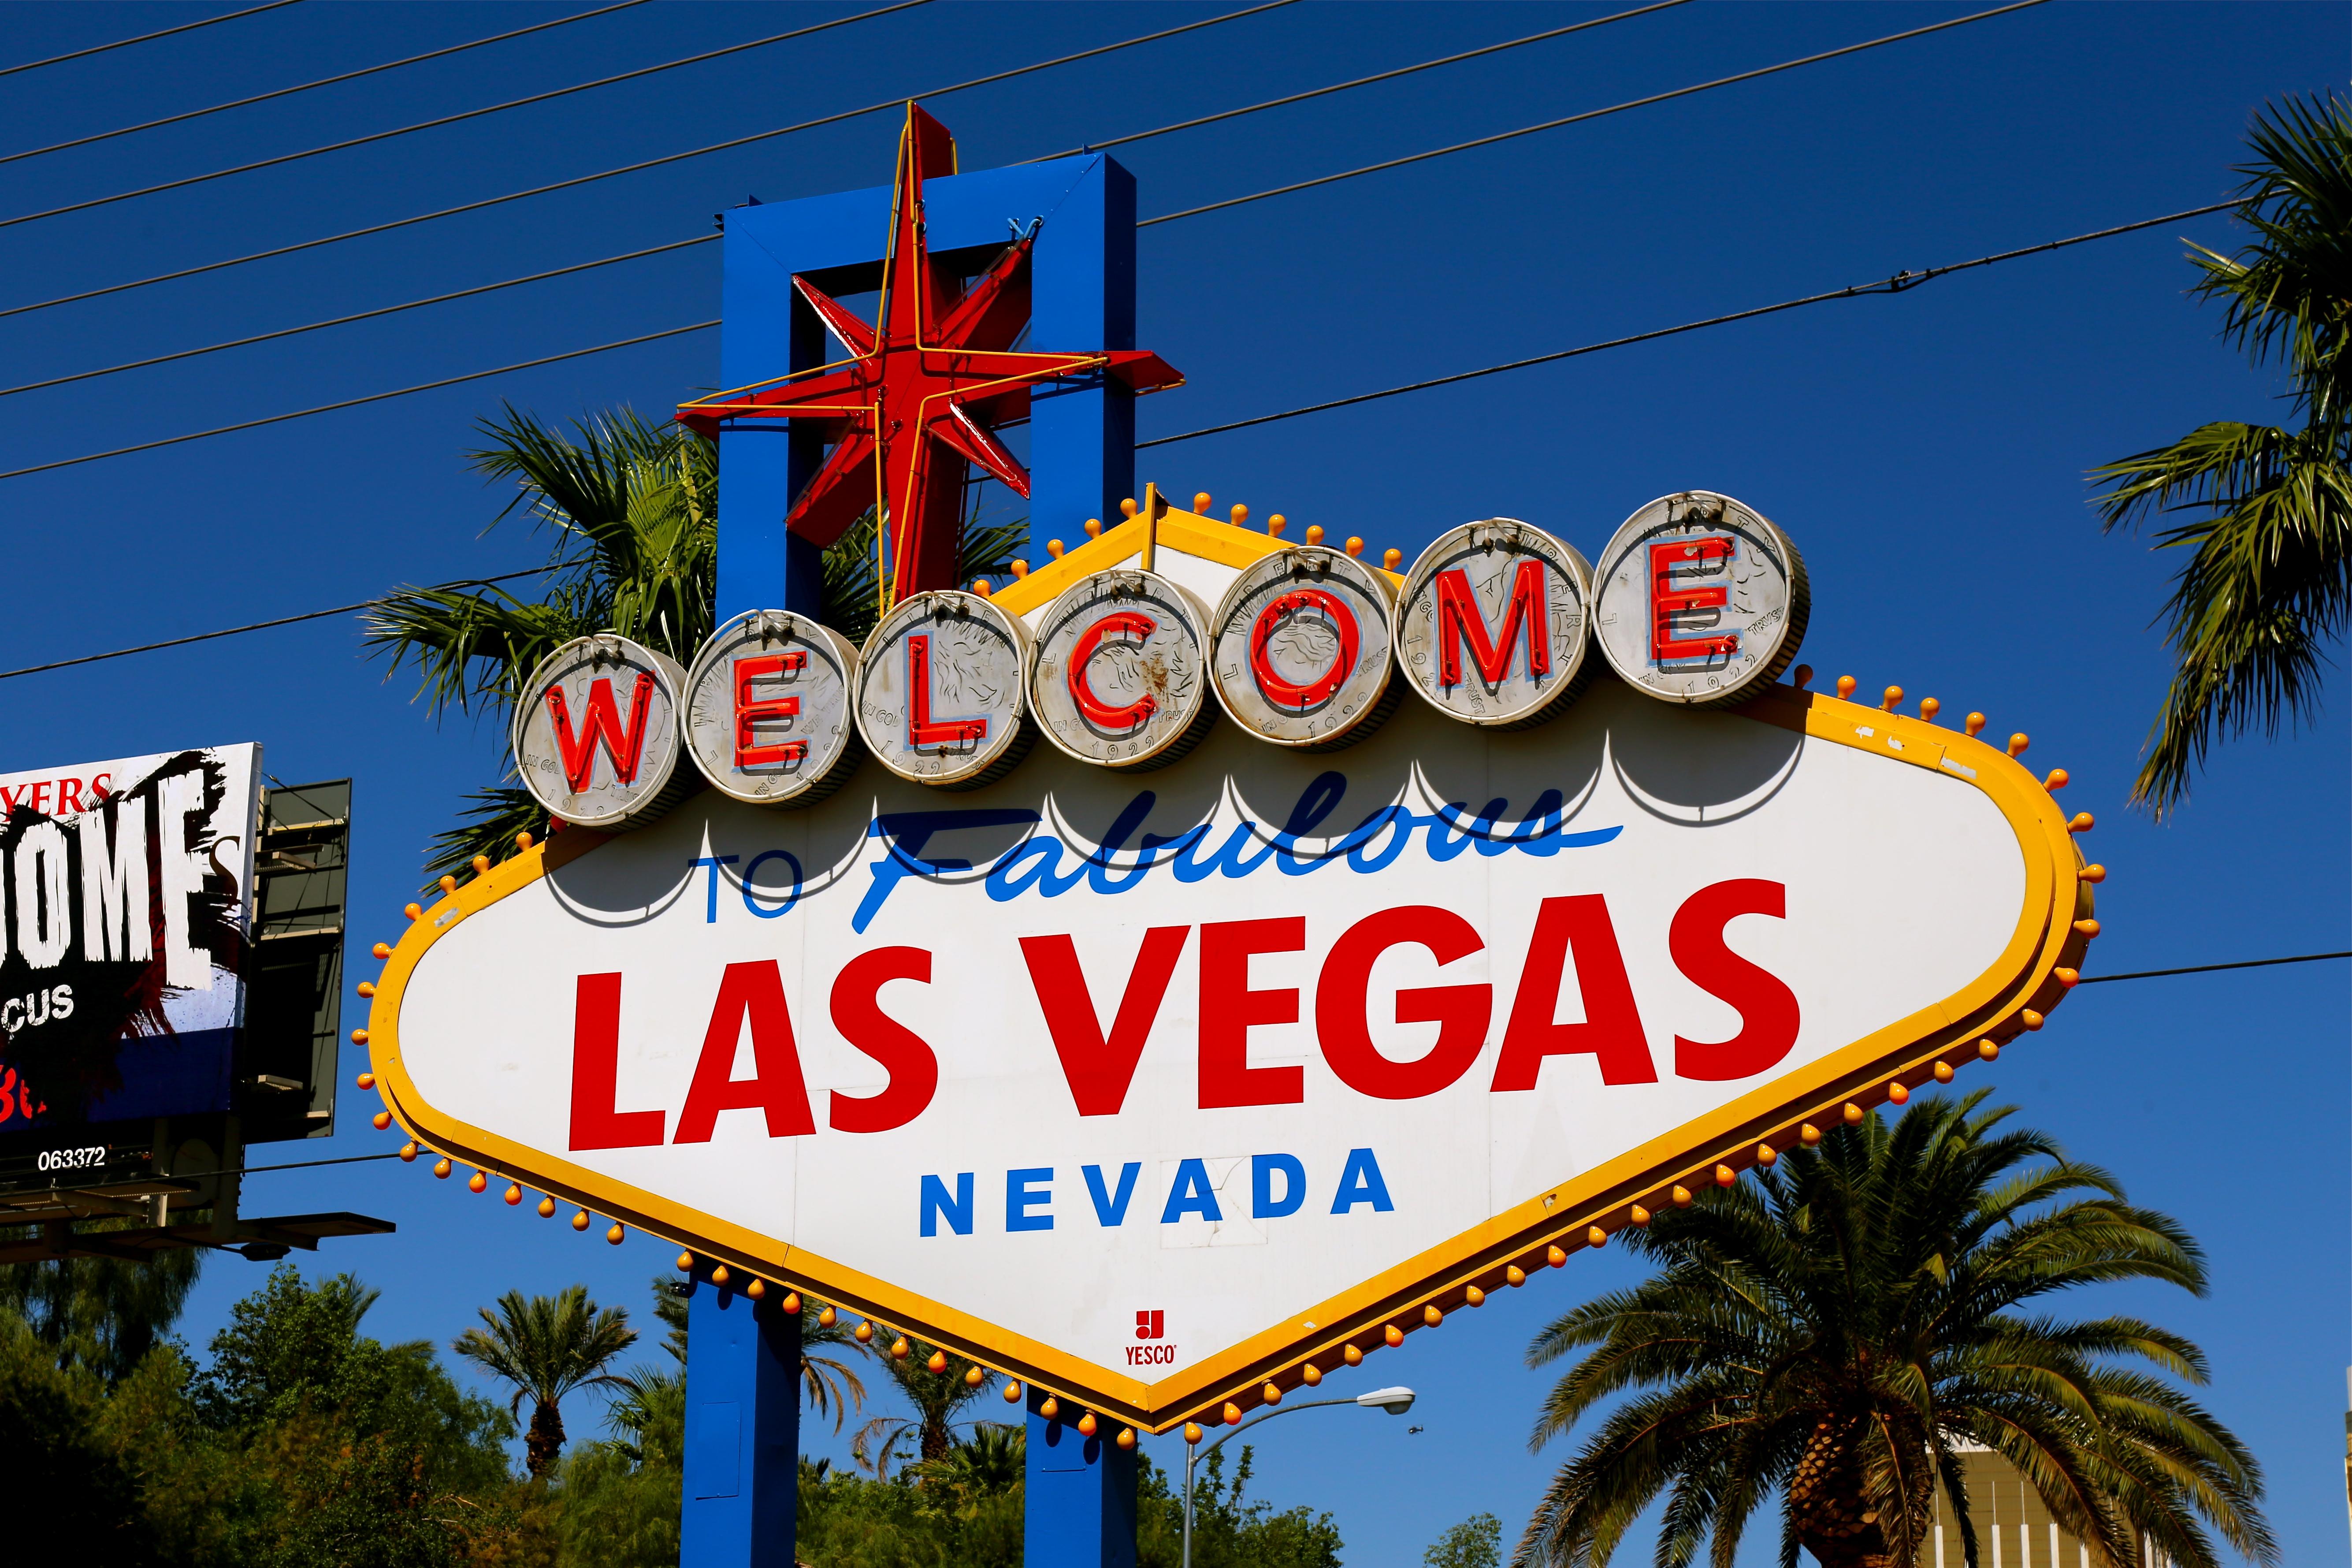 Las Vegas: Attentter prparierte Hotelzimmer mit